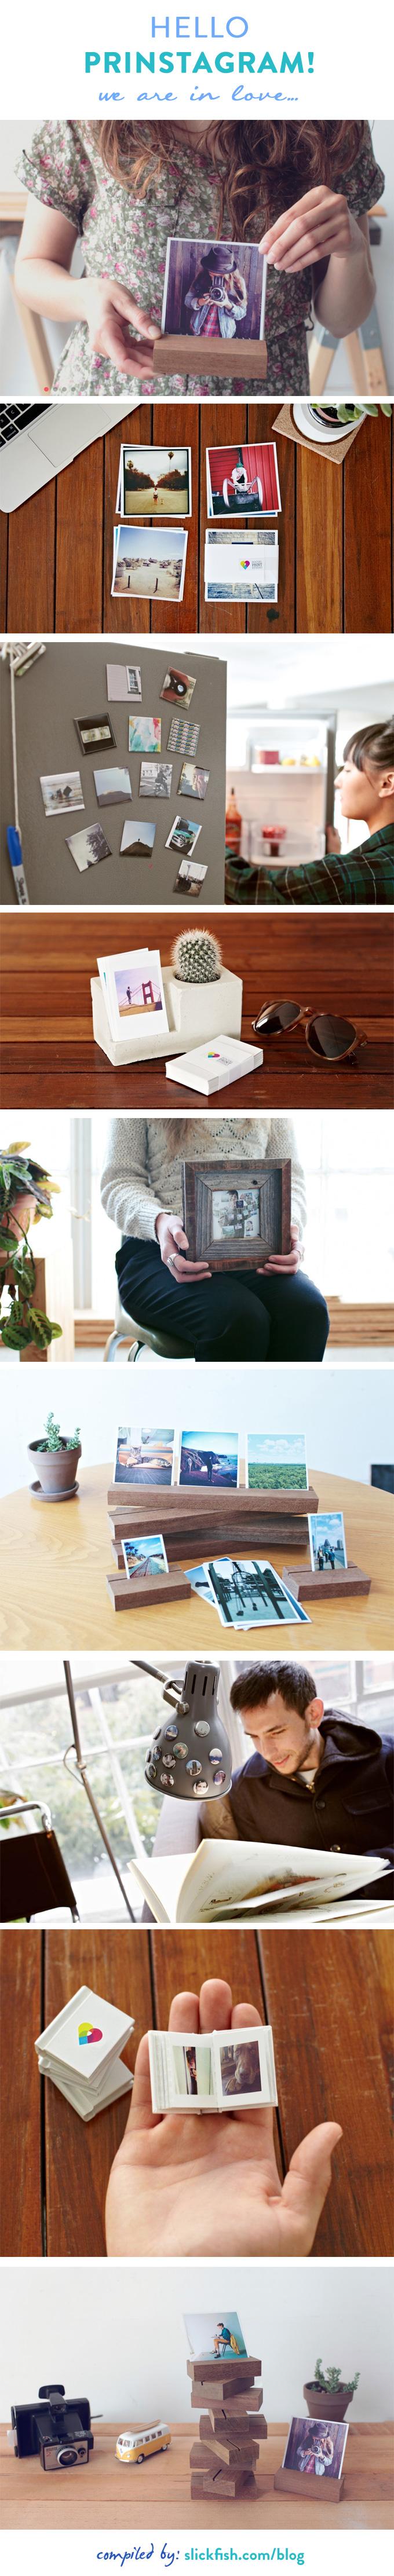 printstagram-slickfish-studios